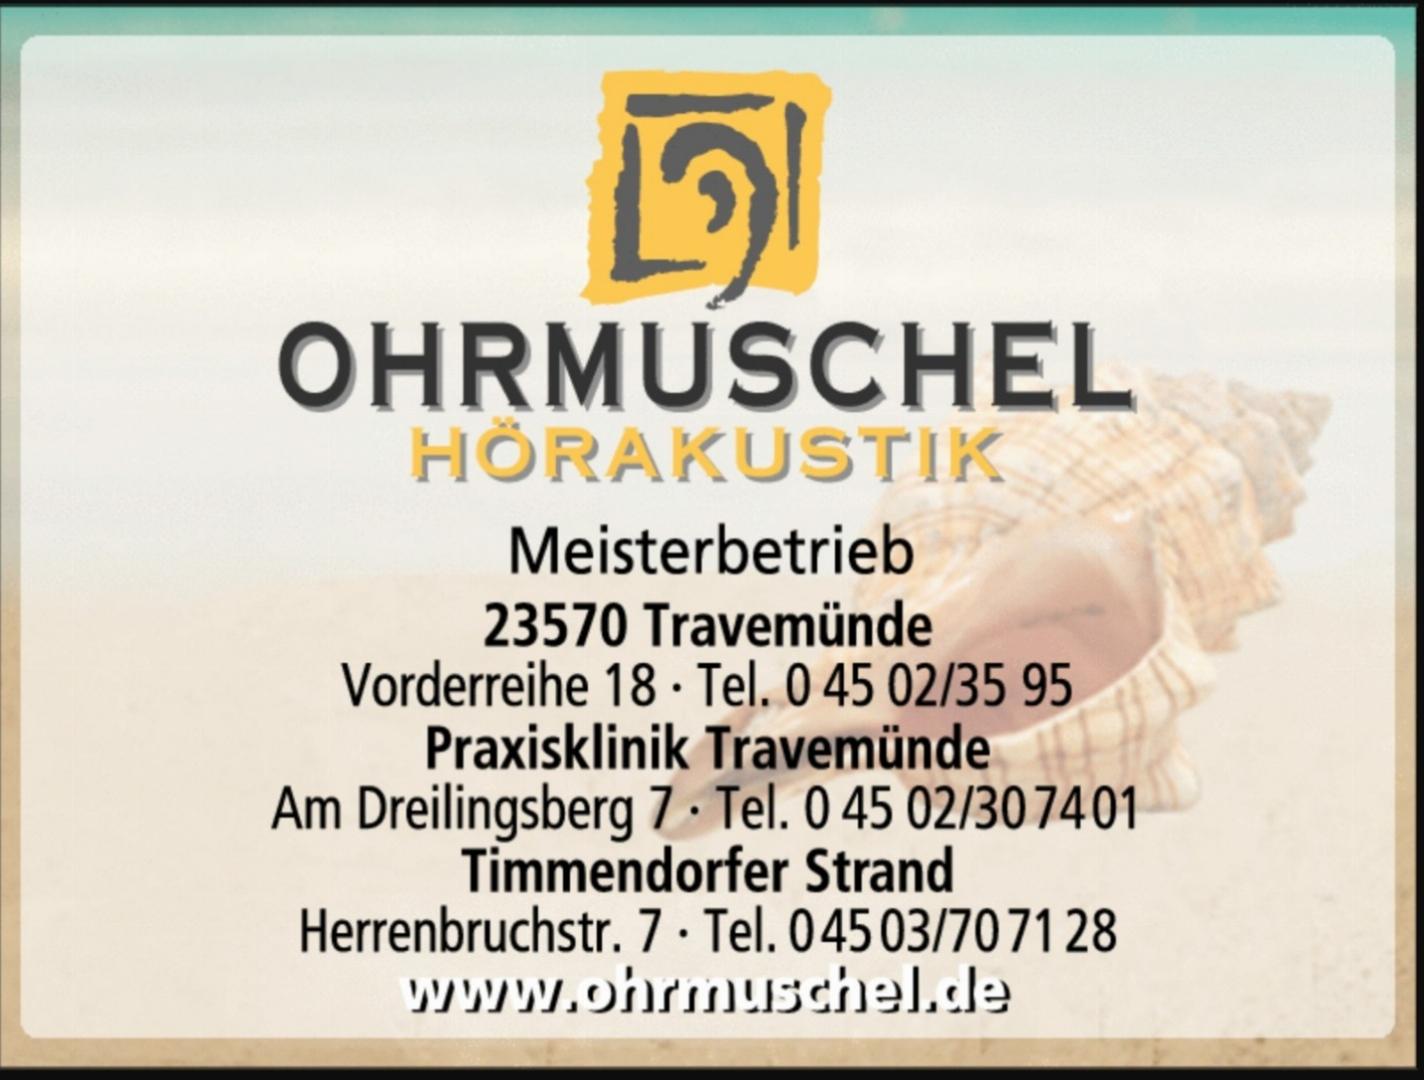 www.ohrmuschel.de